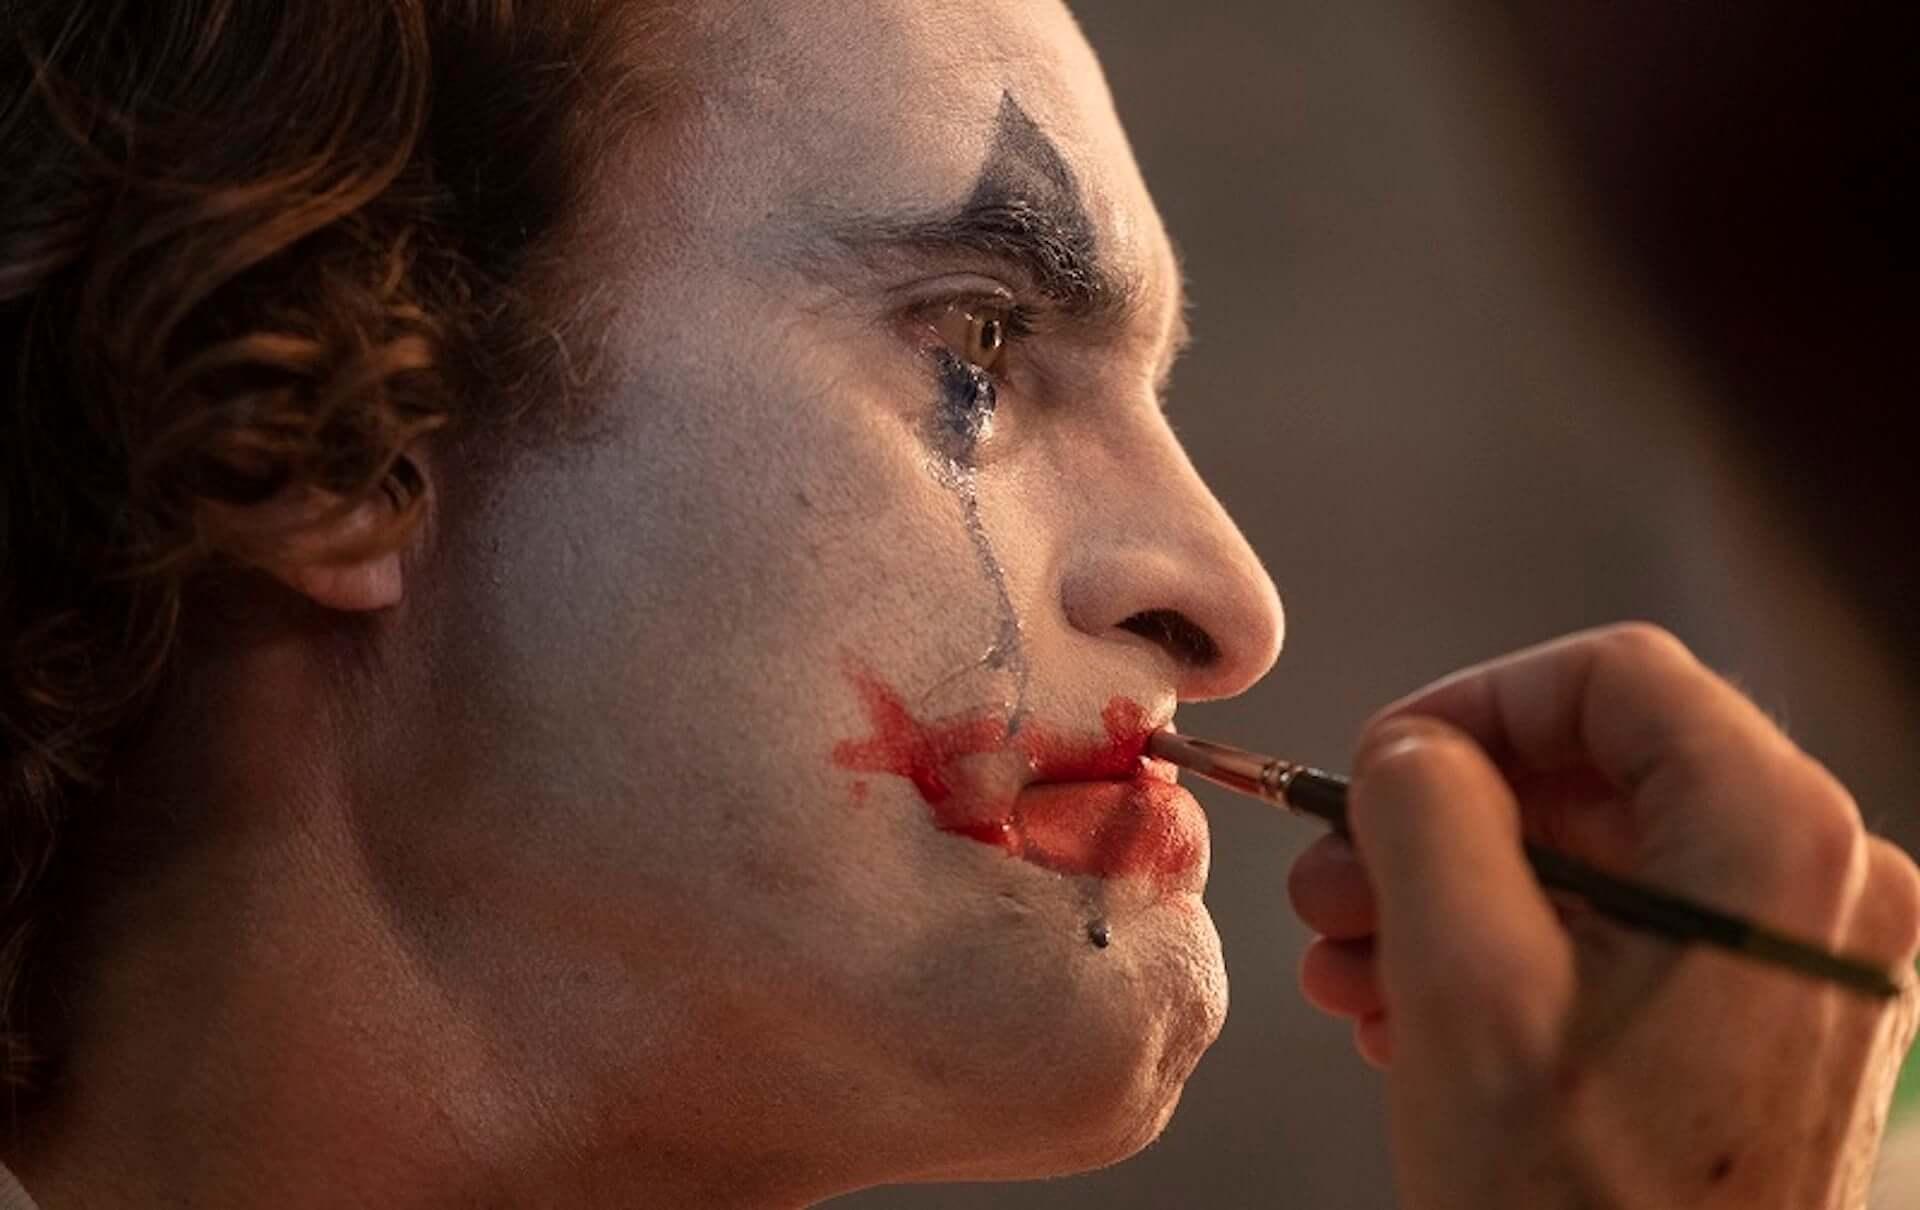 『ジョーカー』アメコミ史上初の快挙!ヴェネツィア国際映画祭で金獅子賞受賞 film190909_joker_venice_2-1920x1210